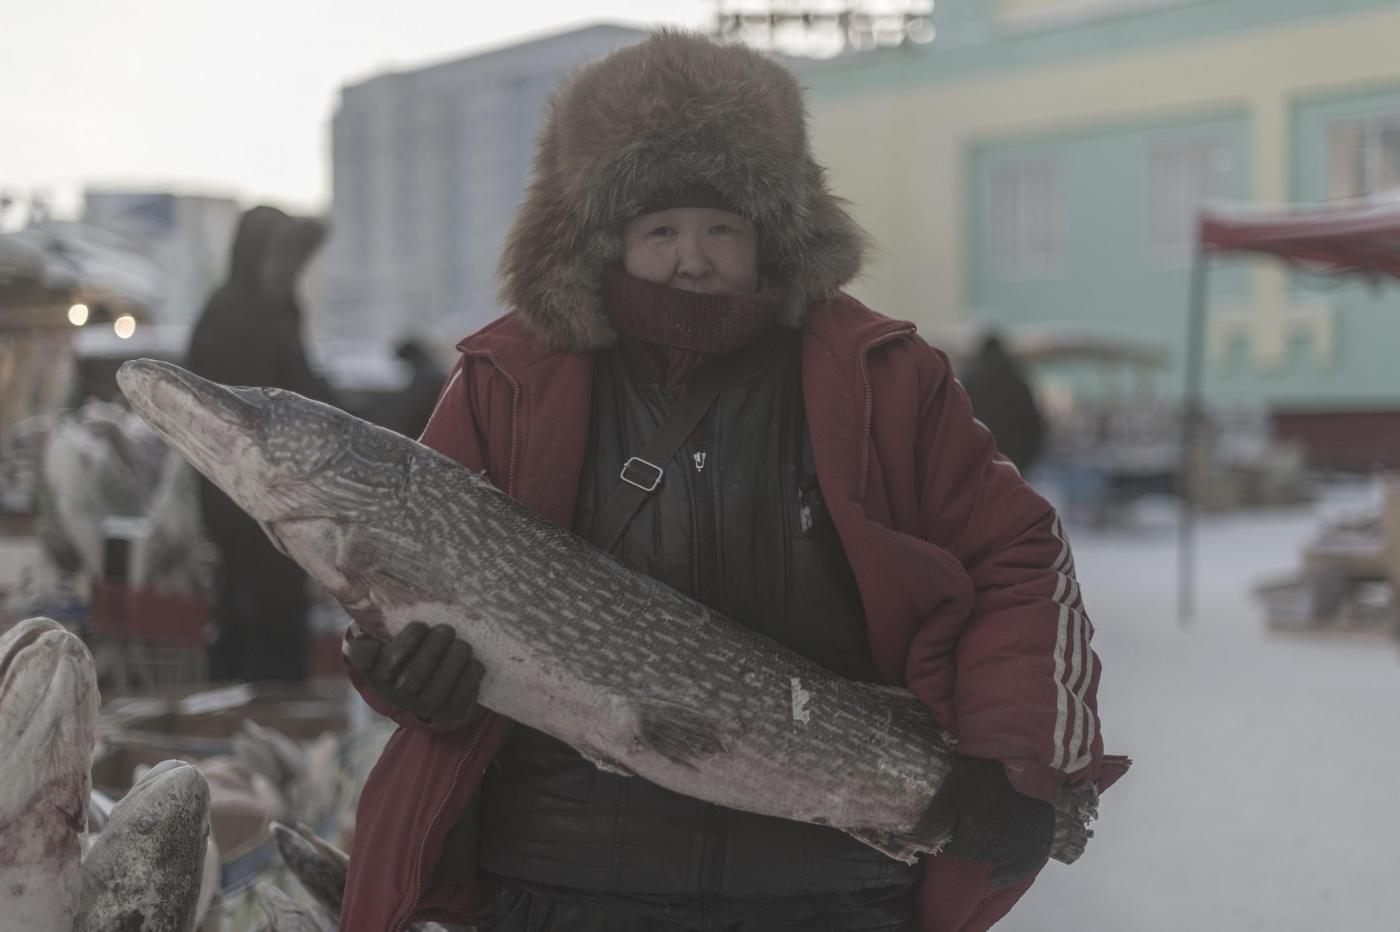 Oymyakon, il luogo abitato più freddo del mondo12